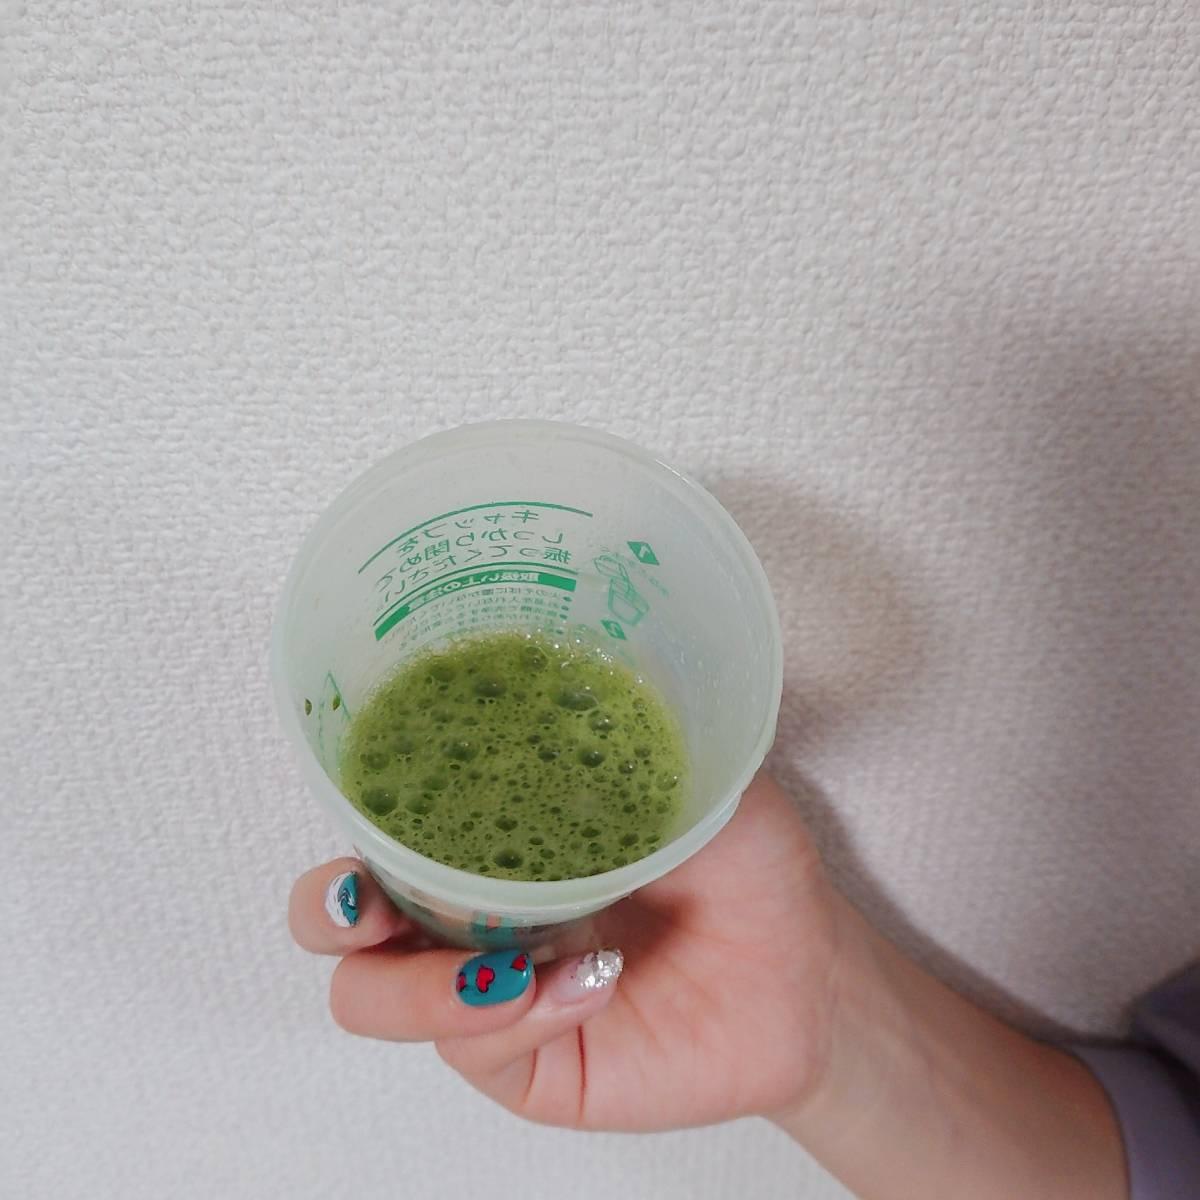 新田ゼラチンバランスコラーゲン グリーンスムージーを使ったkana_cafe_timeさんのクチコミ画像8